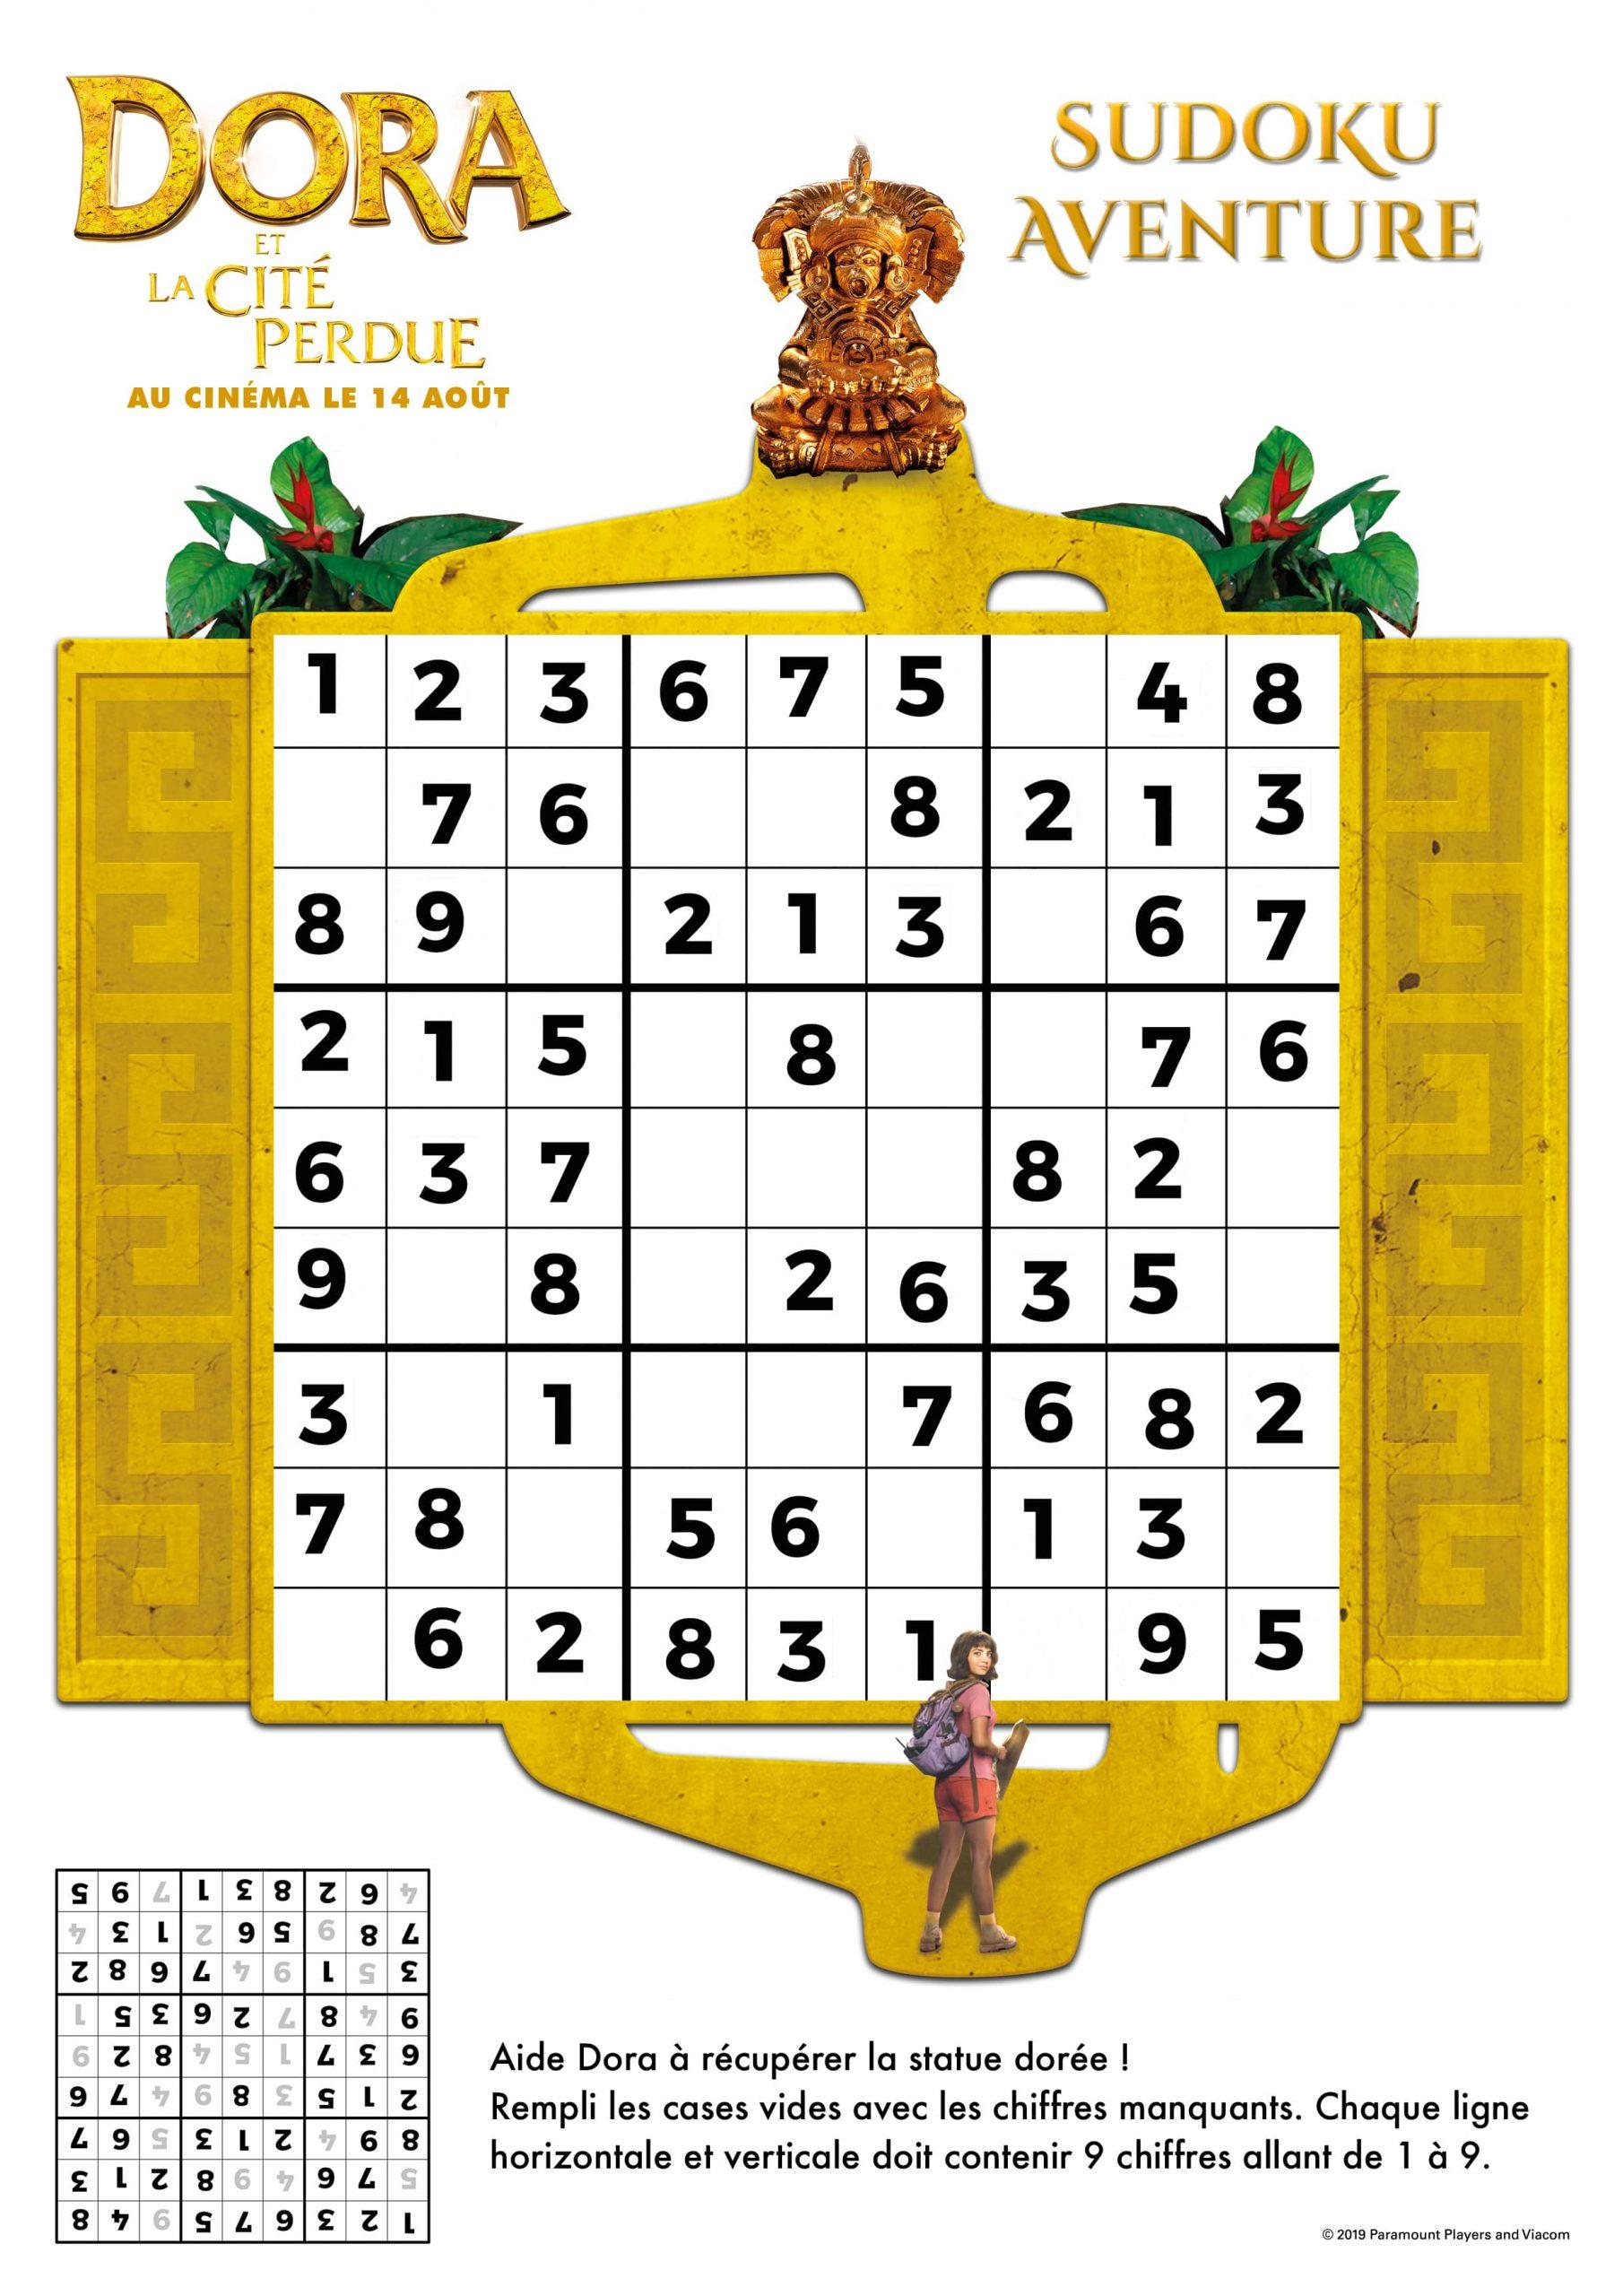 Jeux De Sudoku Dora Et La Cite Perdue N°2 - Fr.hellokids tout Jeux Sudoku À Imprimer